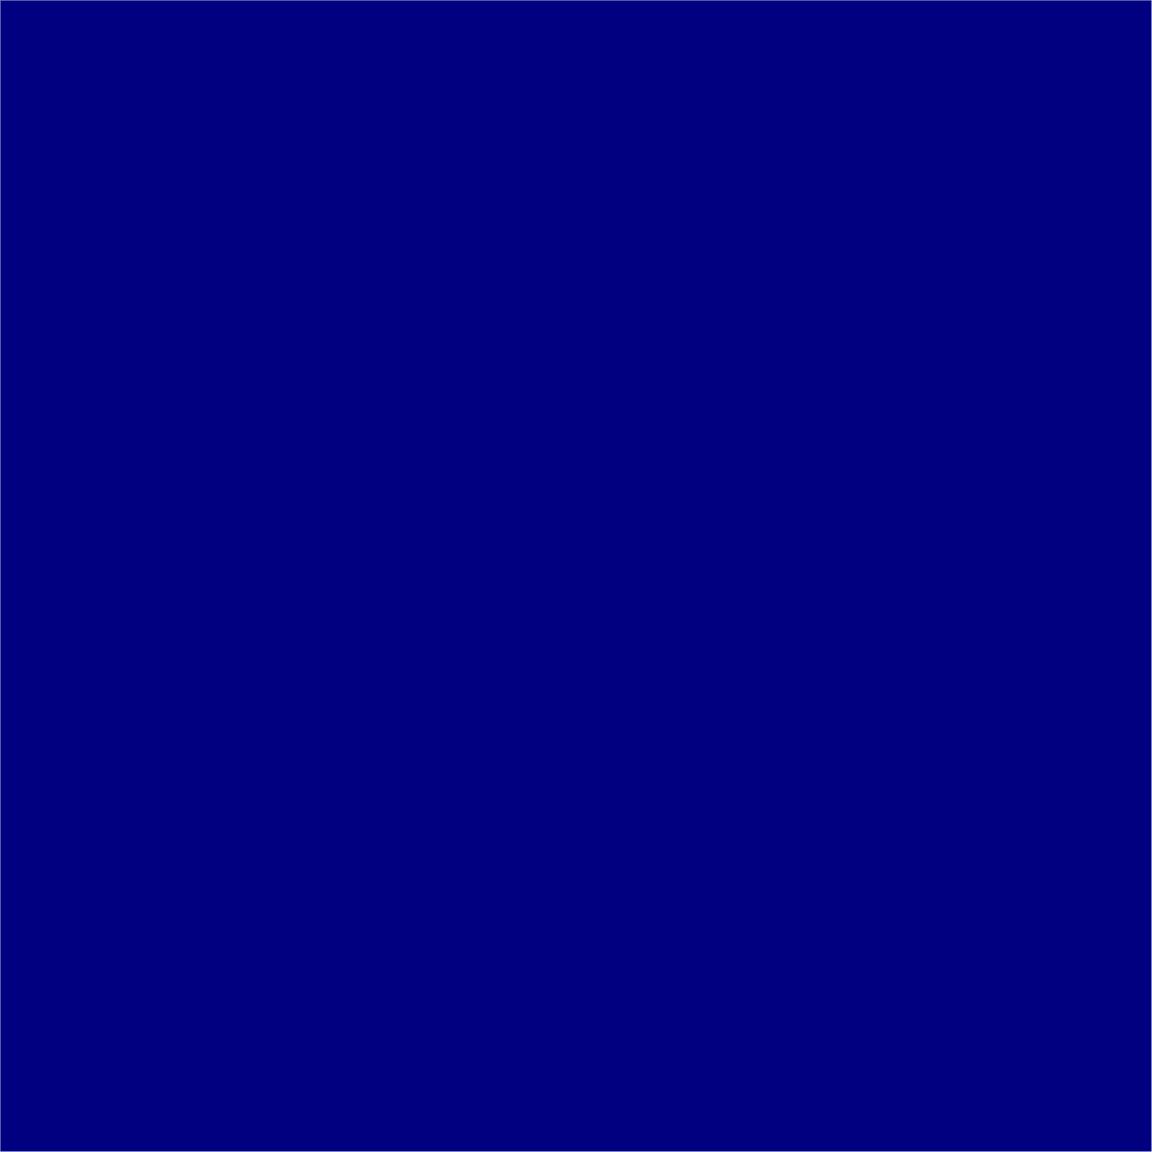 navy blue background [Newbie Forum]   Wrapcandy Community 1152x1152